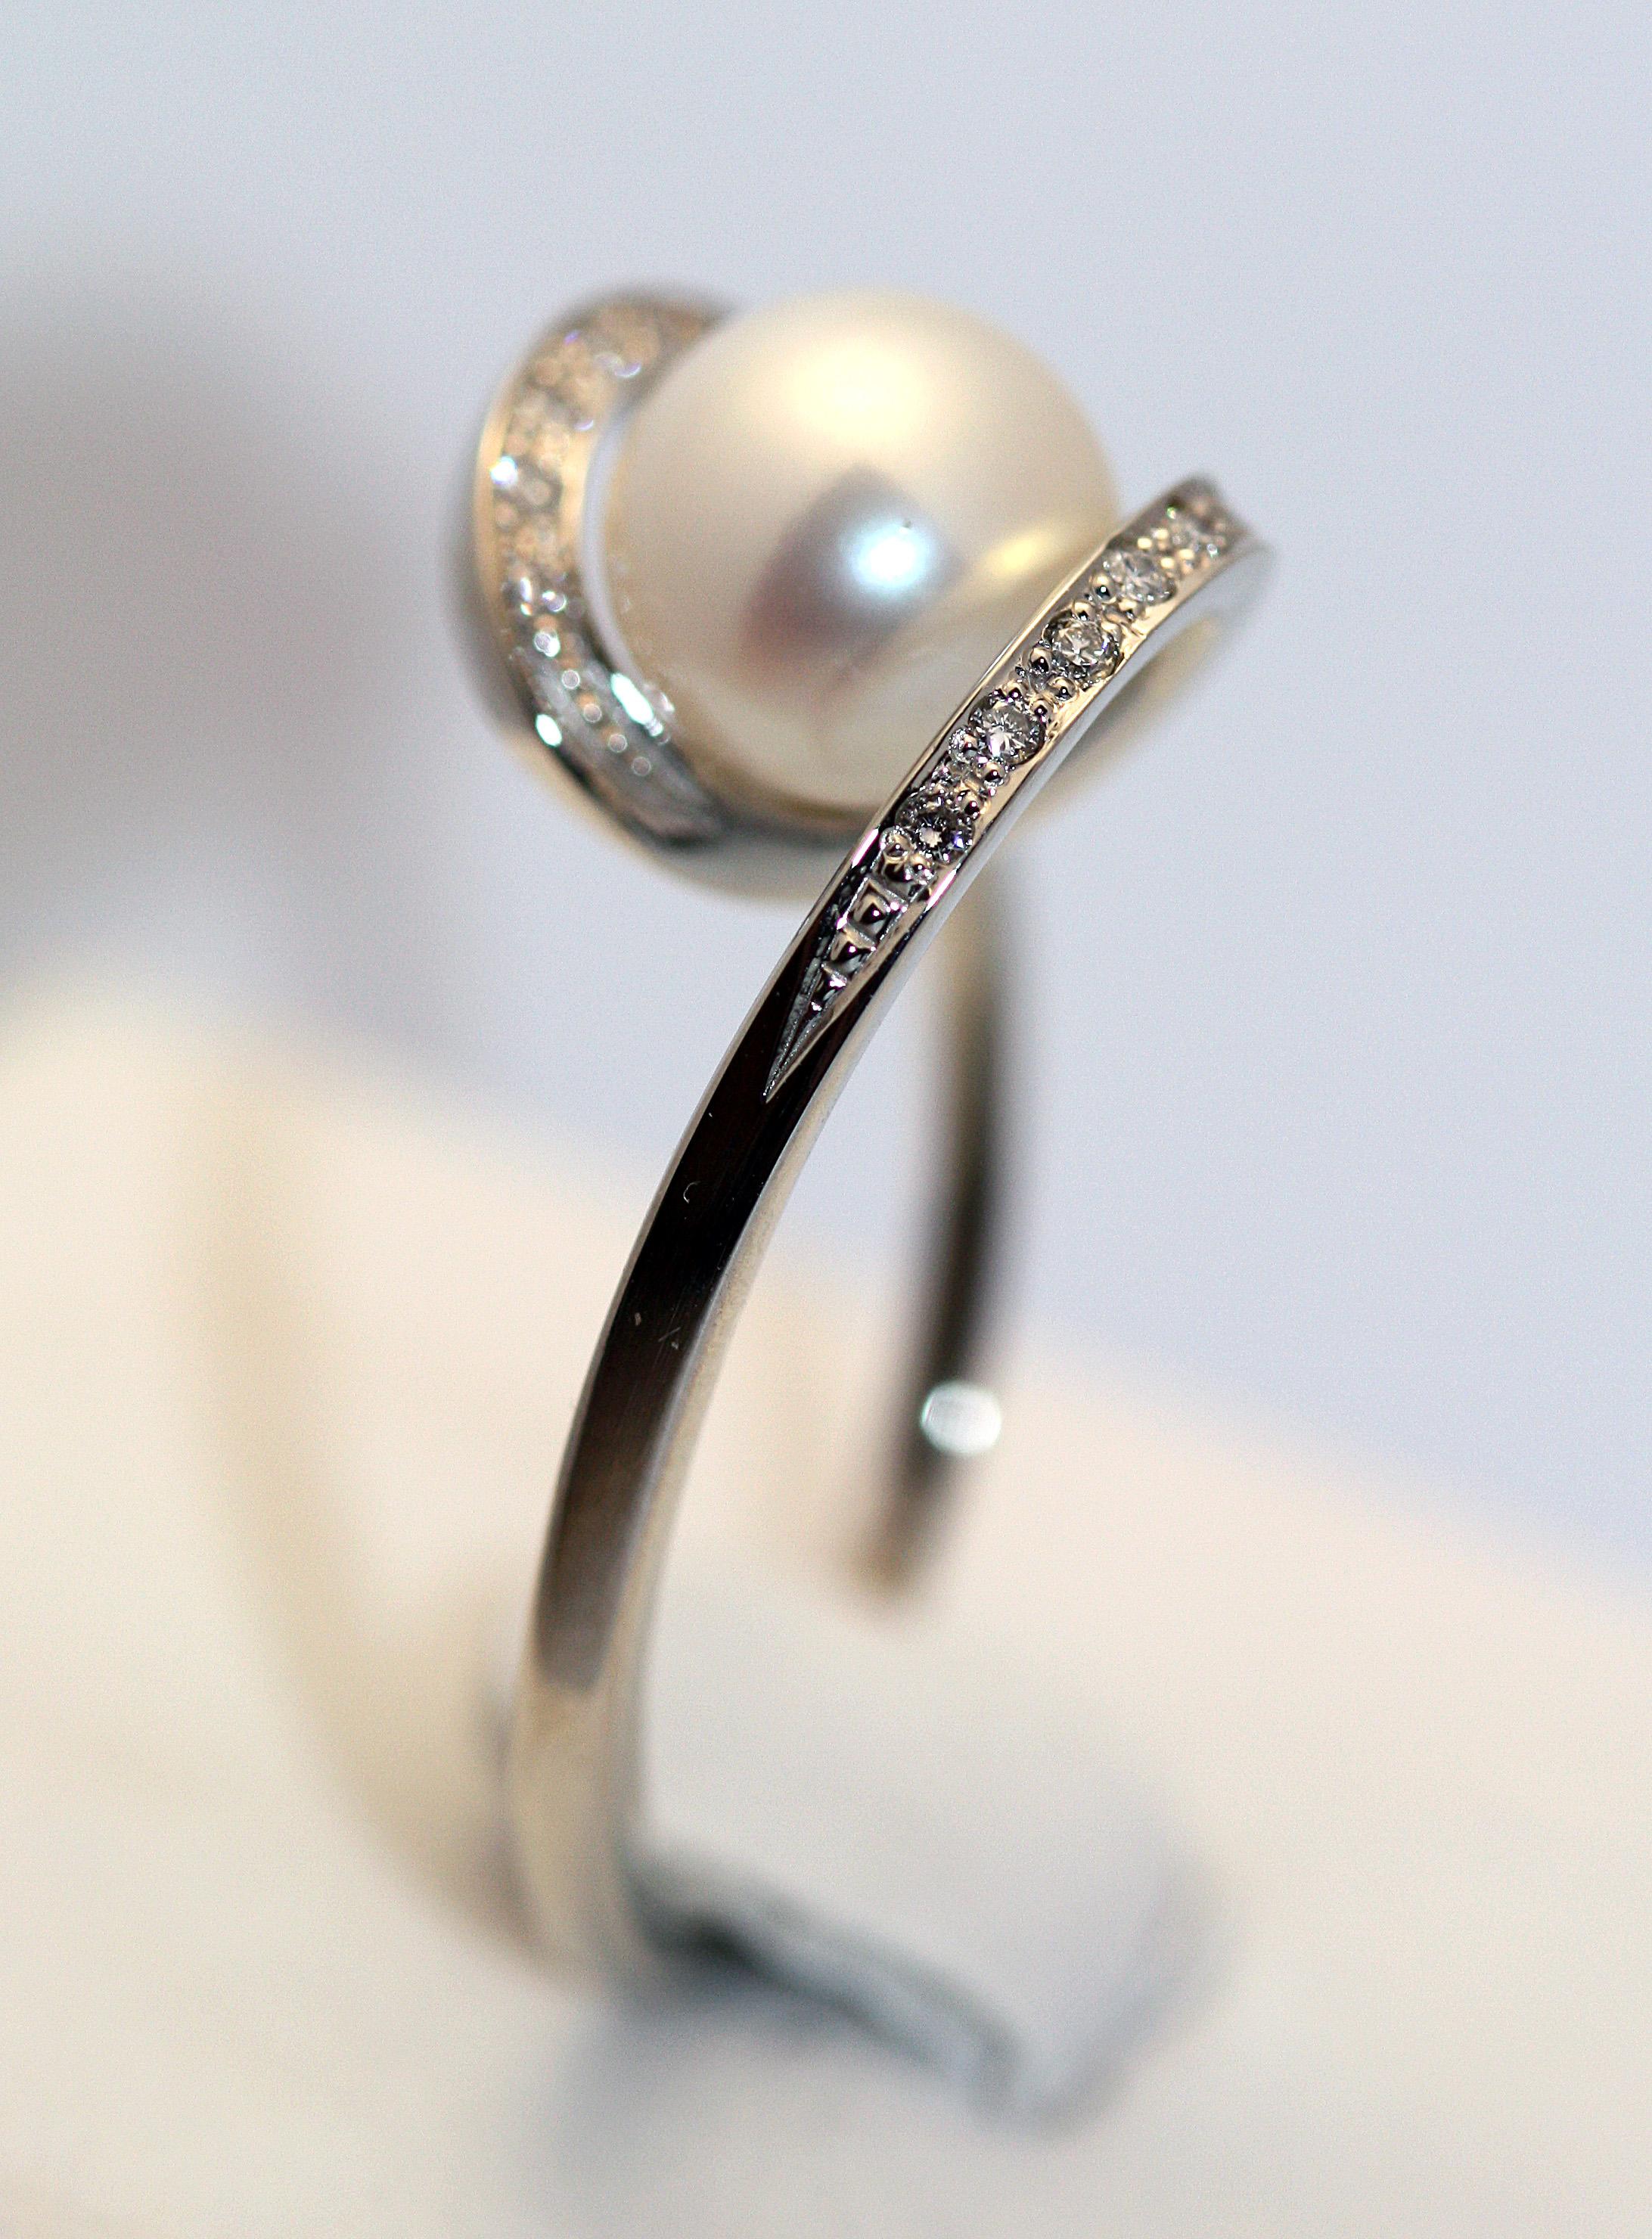 Золотое кольцо «Пружинка» с бриллиантами и белым жемчугом Золотые кольца,  Бриллианты, Жемчуг 3c506e4cc04